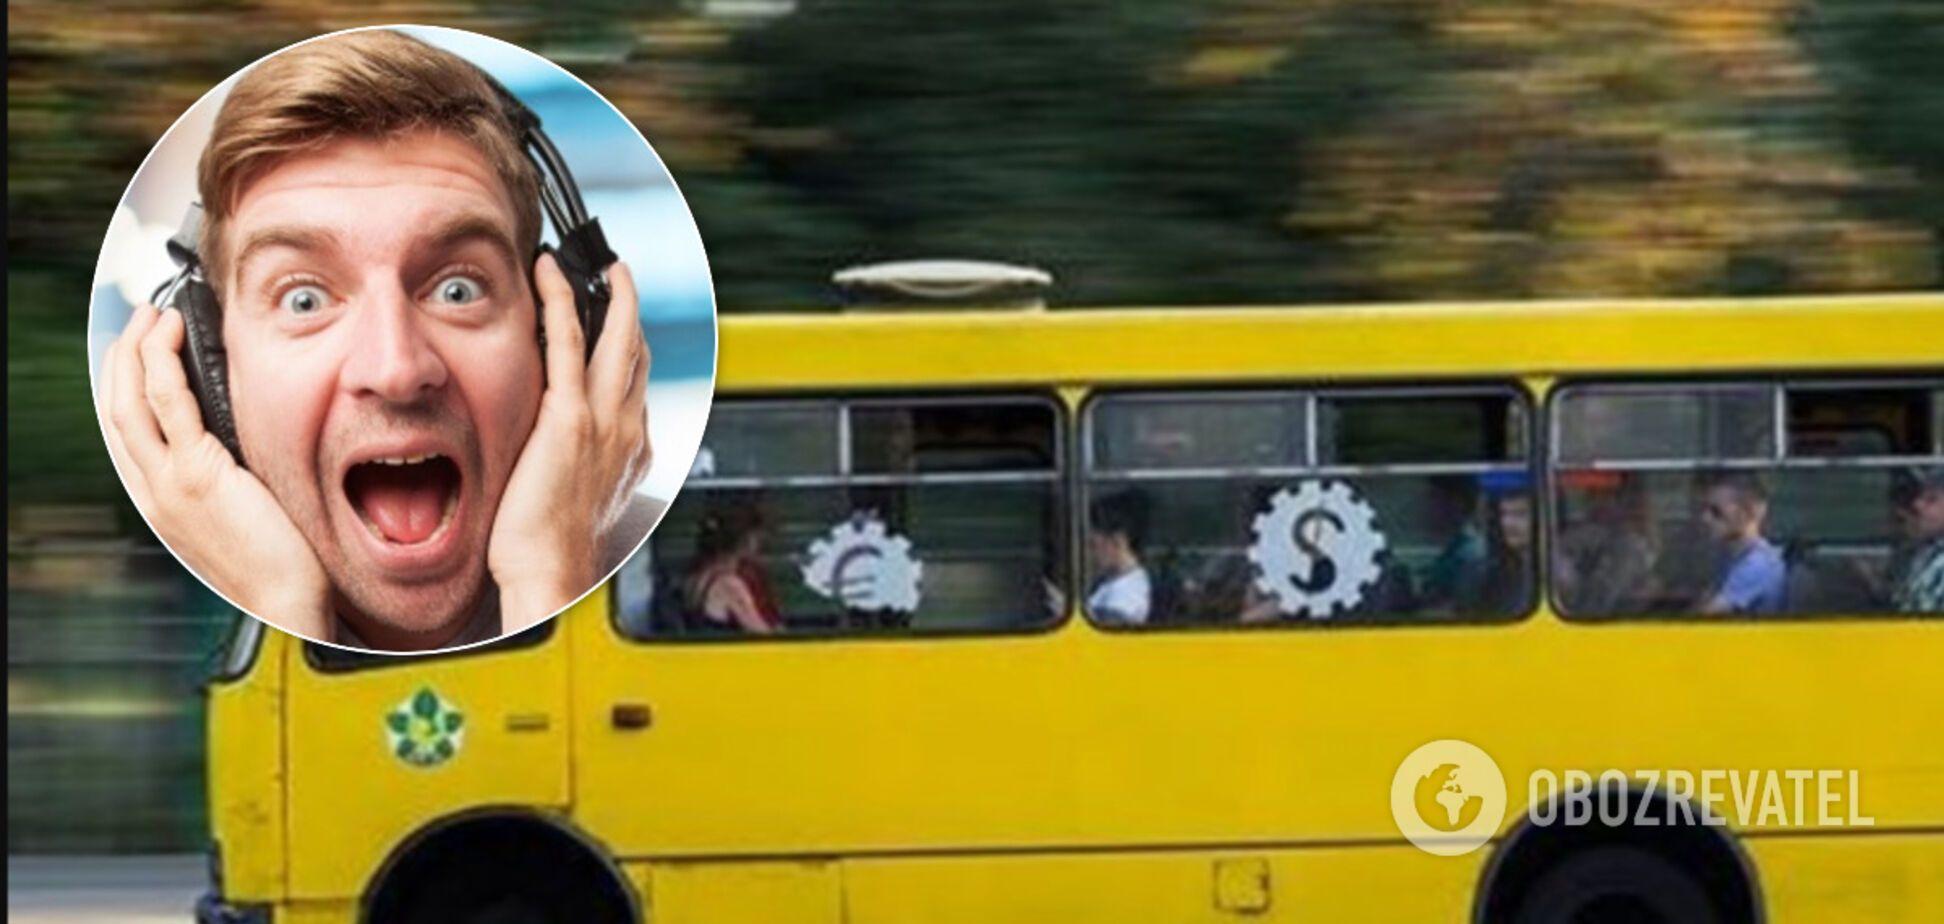 В Ривне подросток угнал маршрутку с людьми. Фото